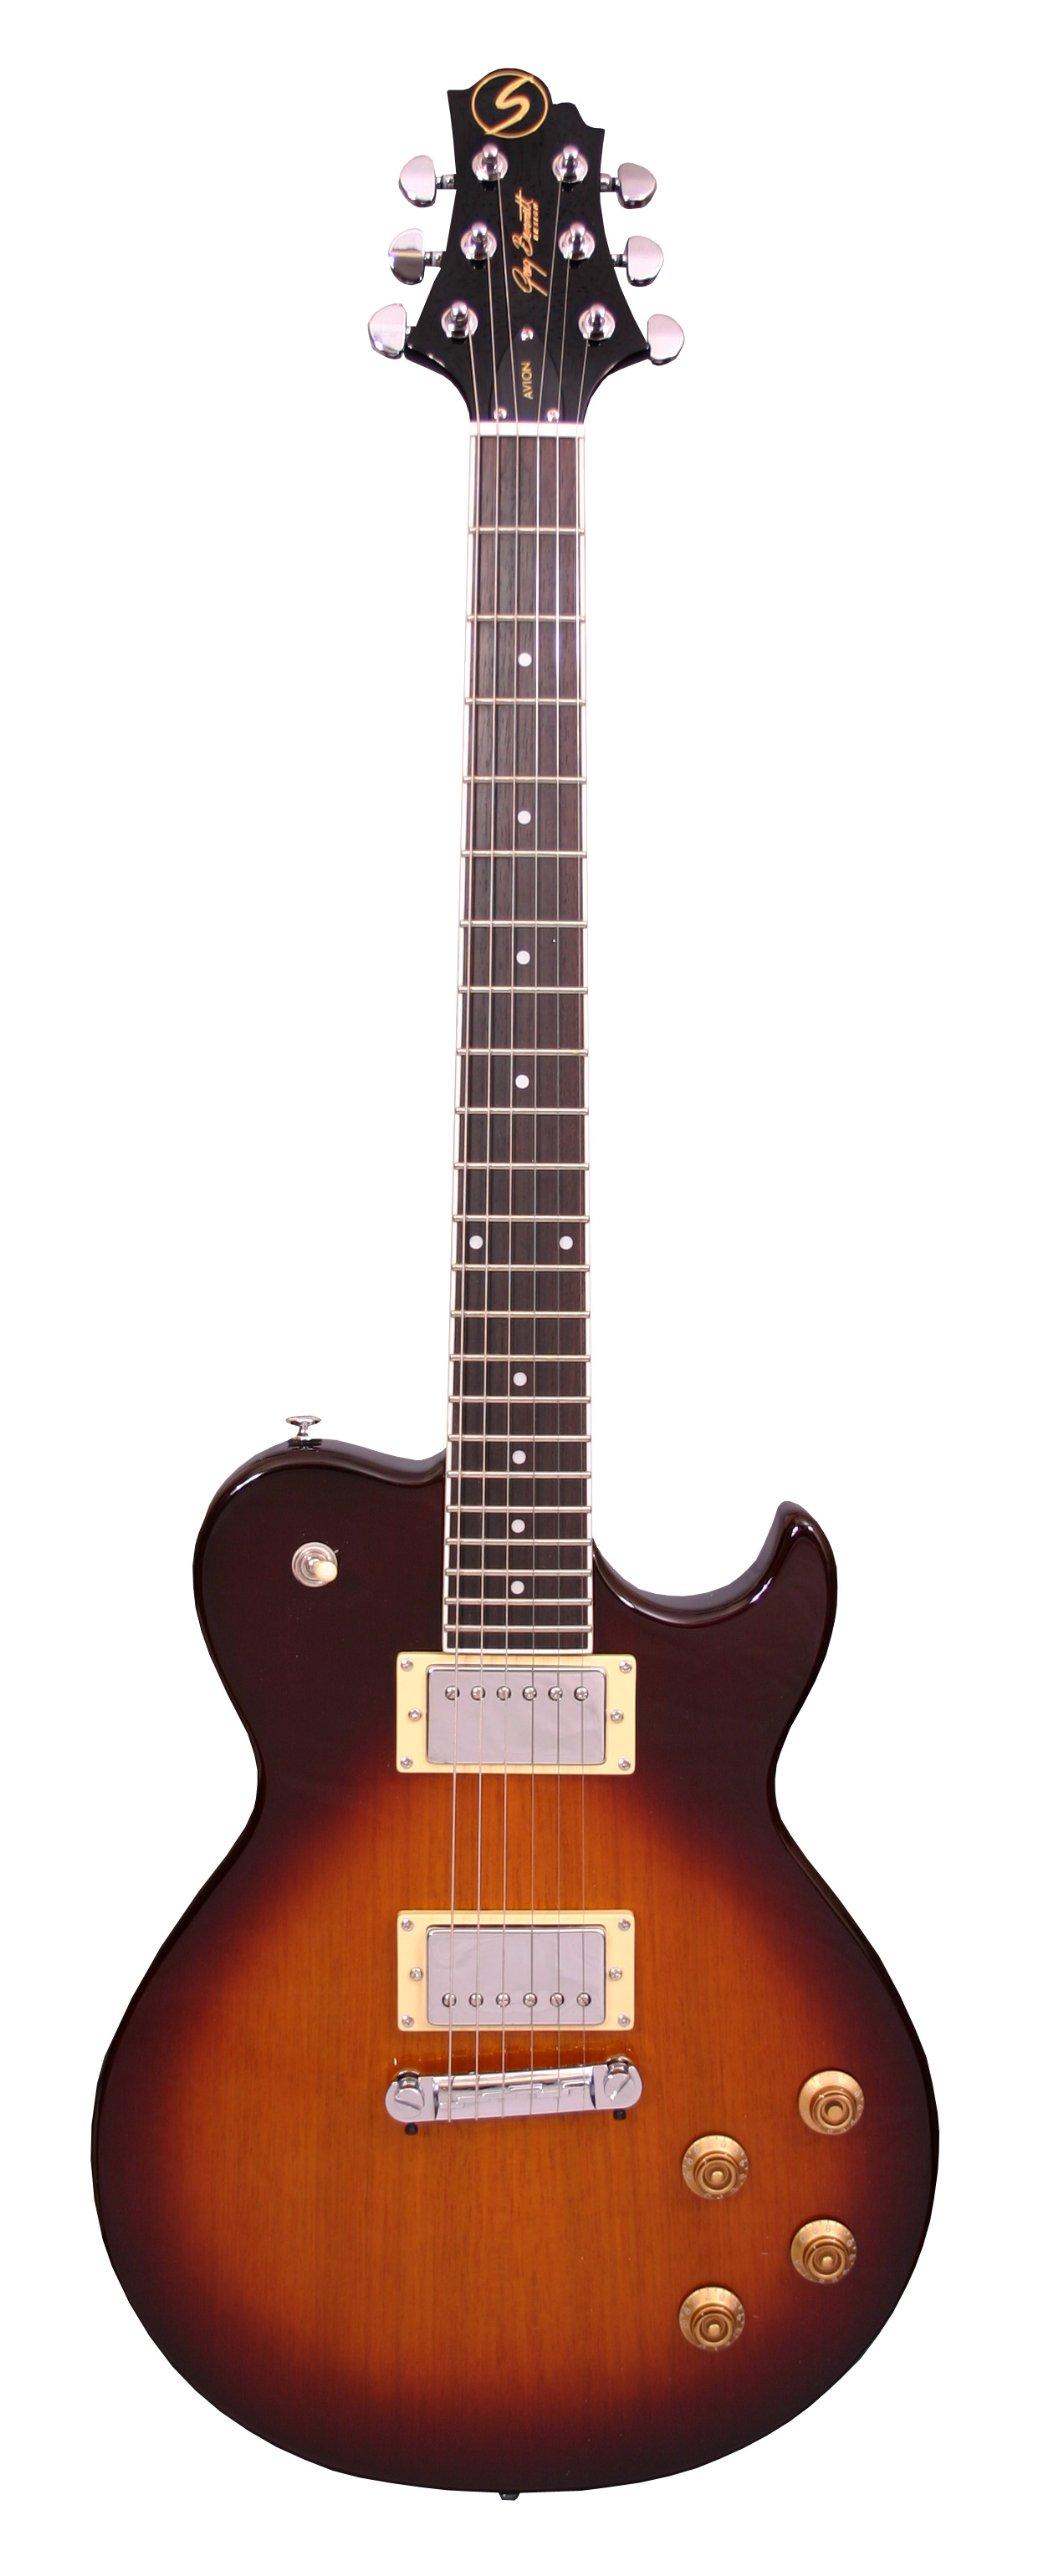 Cheap Samick Greg Bennett Design AV10 Electric Guitar Vintage Sunburst Black Friday & Cyber Monday 2019